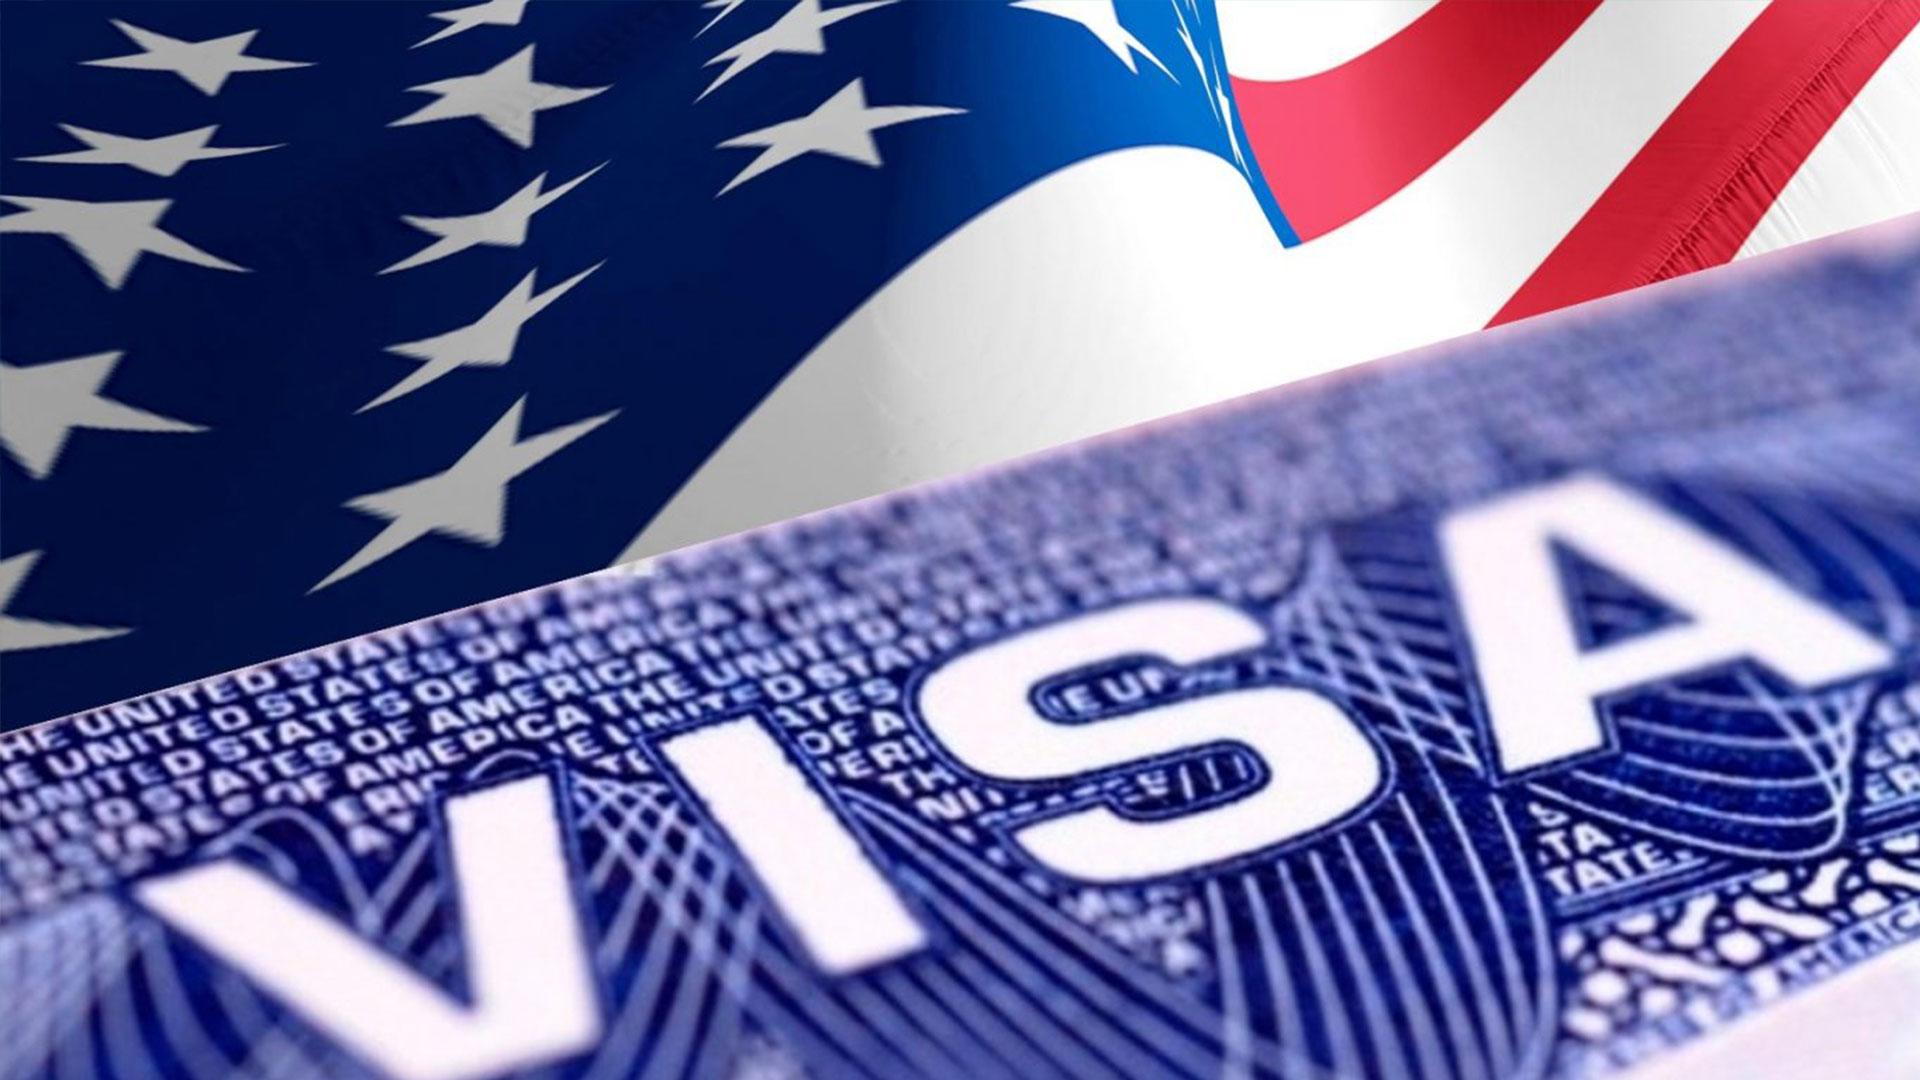 آموزش خرید با ویزا کارت مجازی